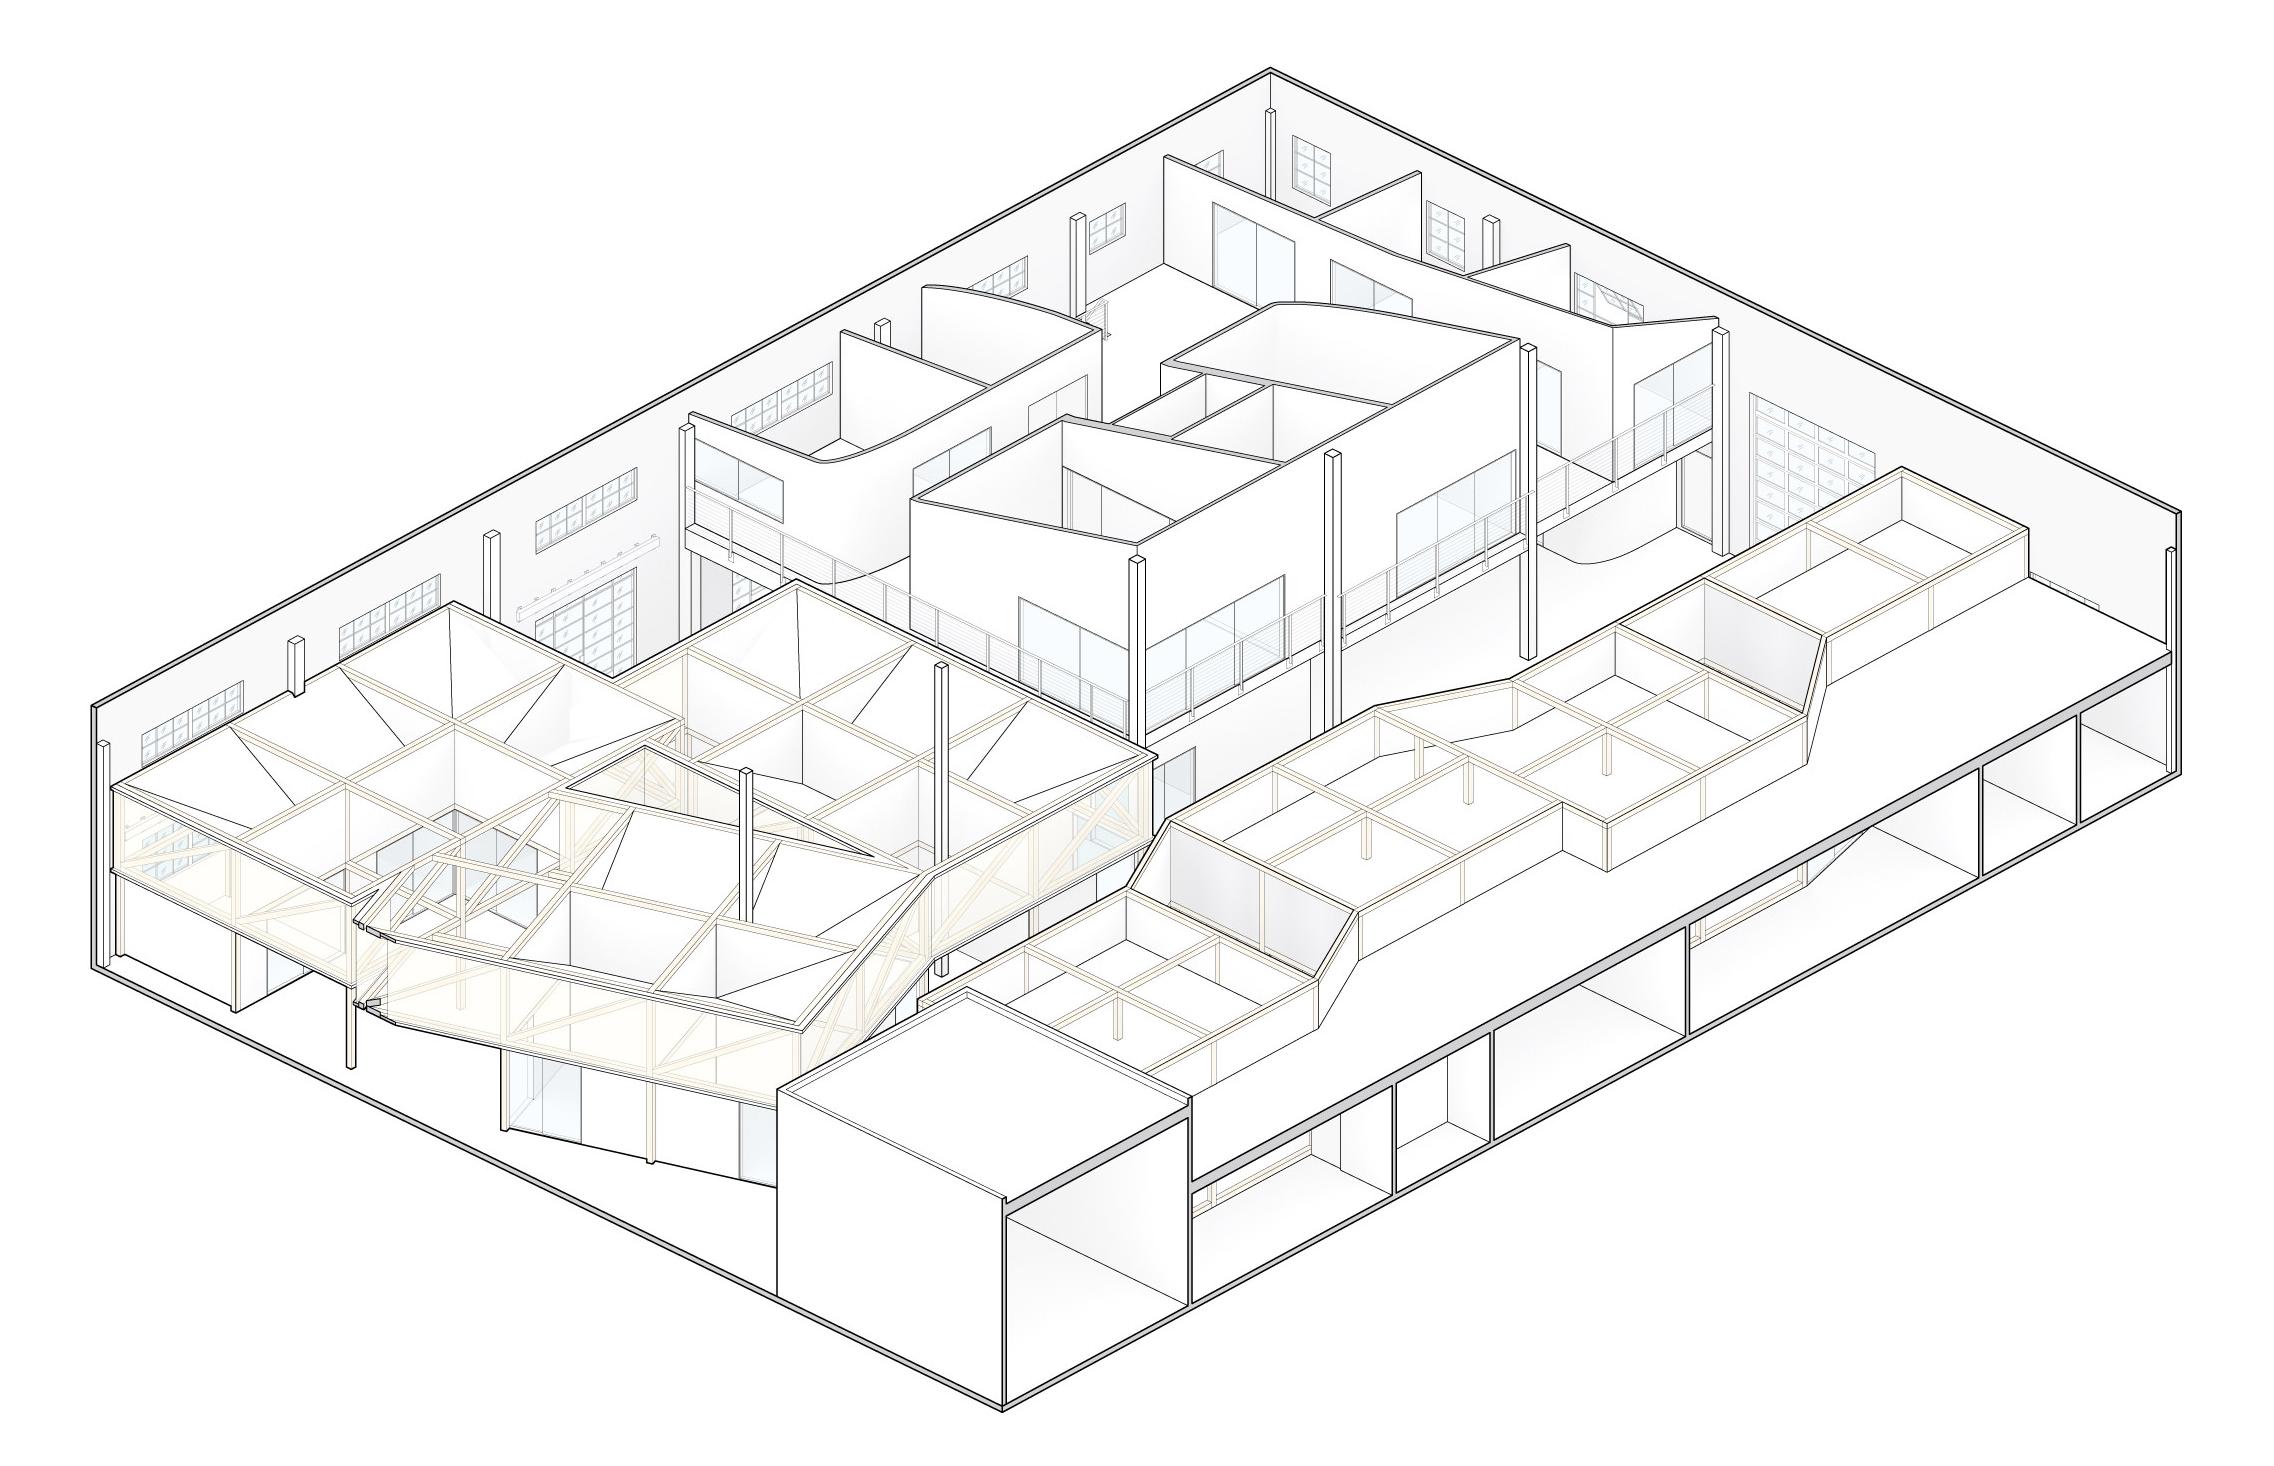 Isometric view.